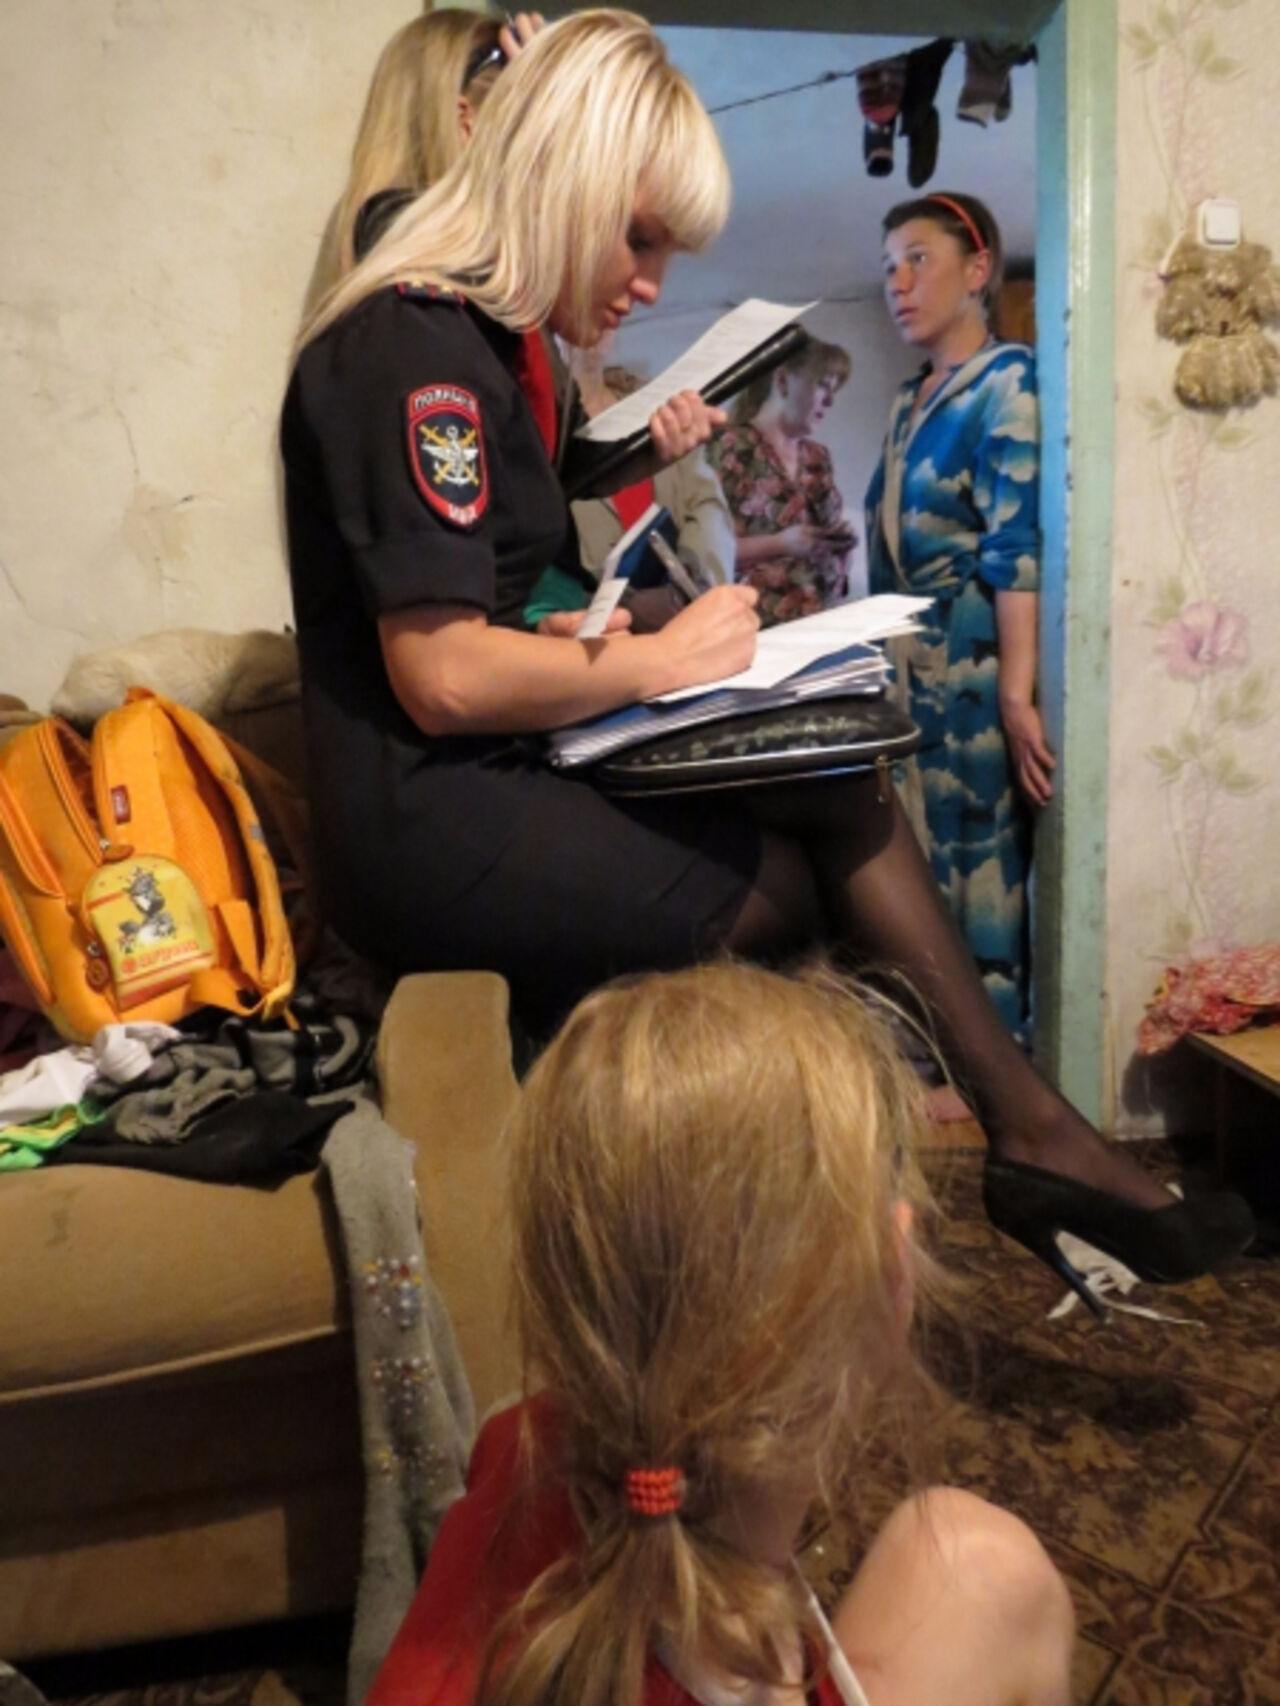 Органы опеки и попечительства фото детей